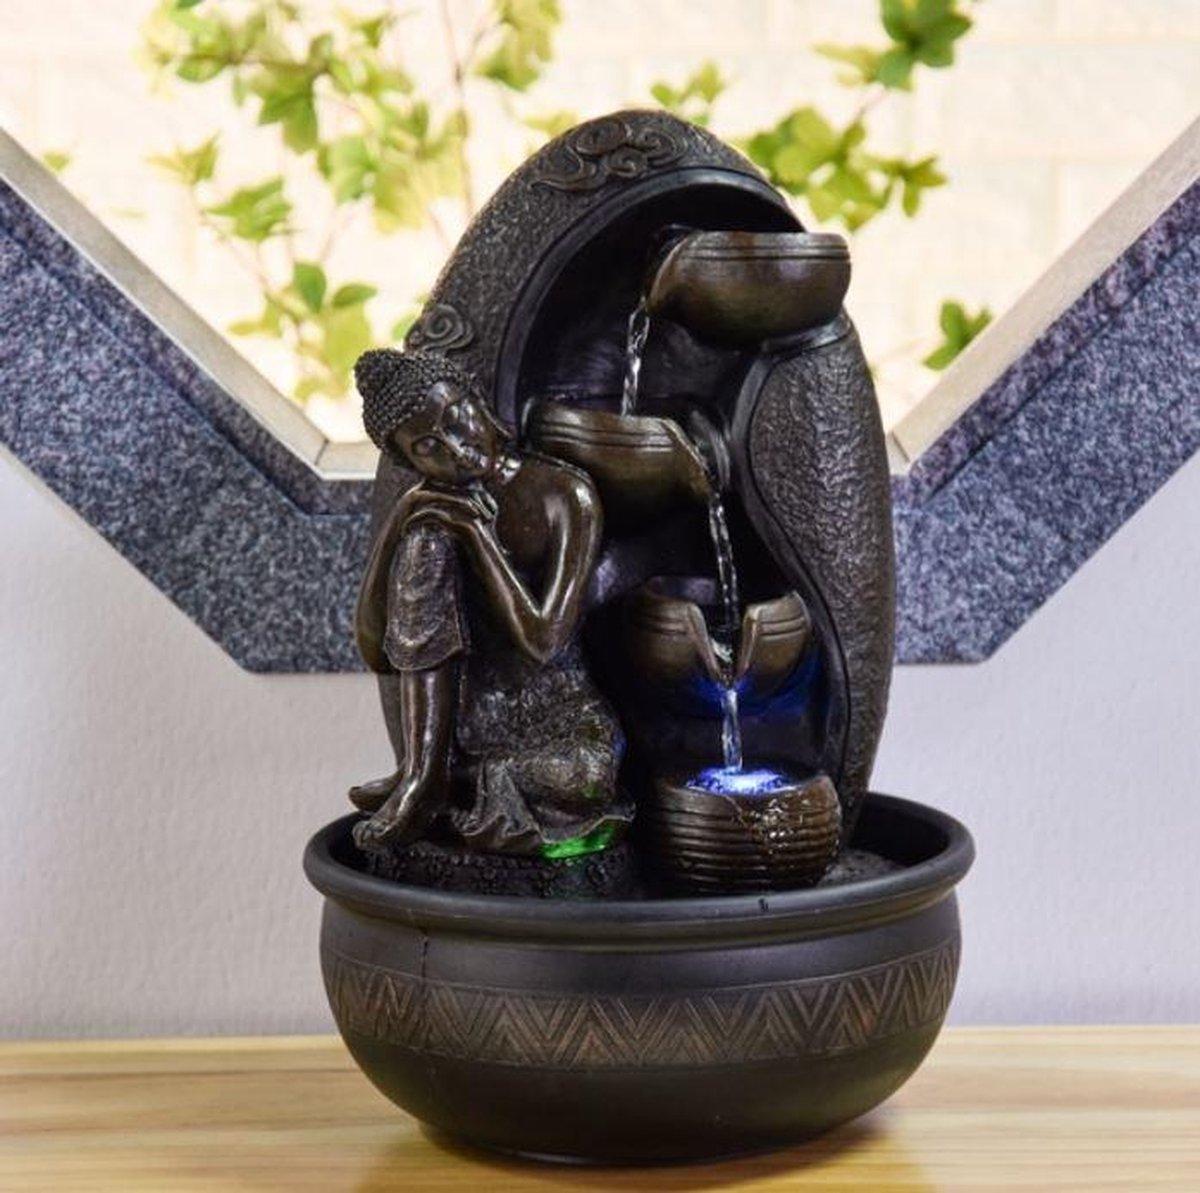 Bouddha Krishna Relax - fontein - interieur fontein - fontein voor binnen - relaxeer - zen - waterornament - cadeau - geschenk - relatiegeschenk - origineel - lente - zomer - lentecollectie - zomercollectie - afkoeling - koelte